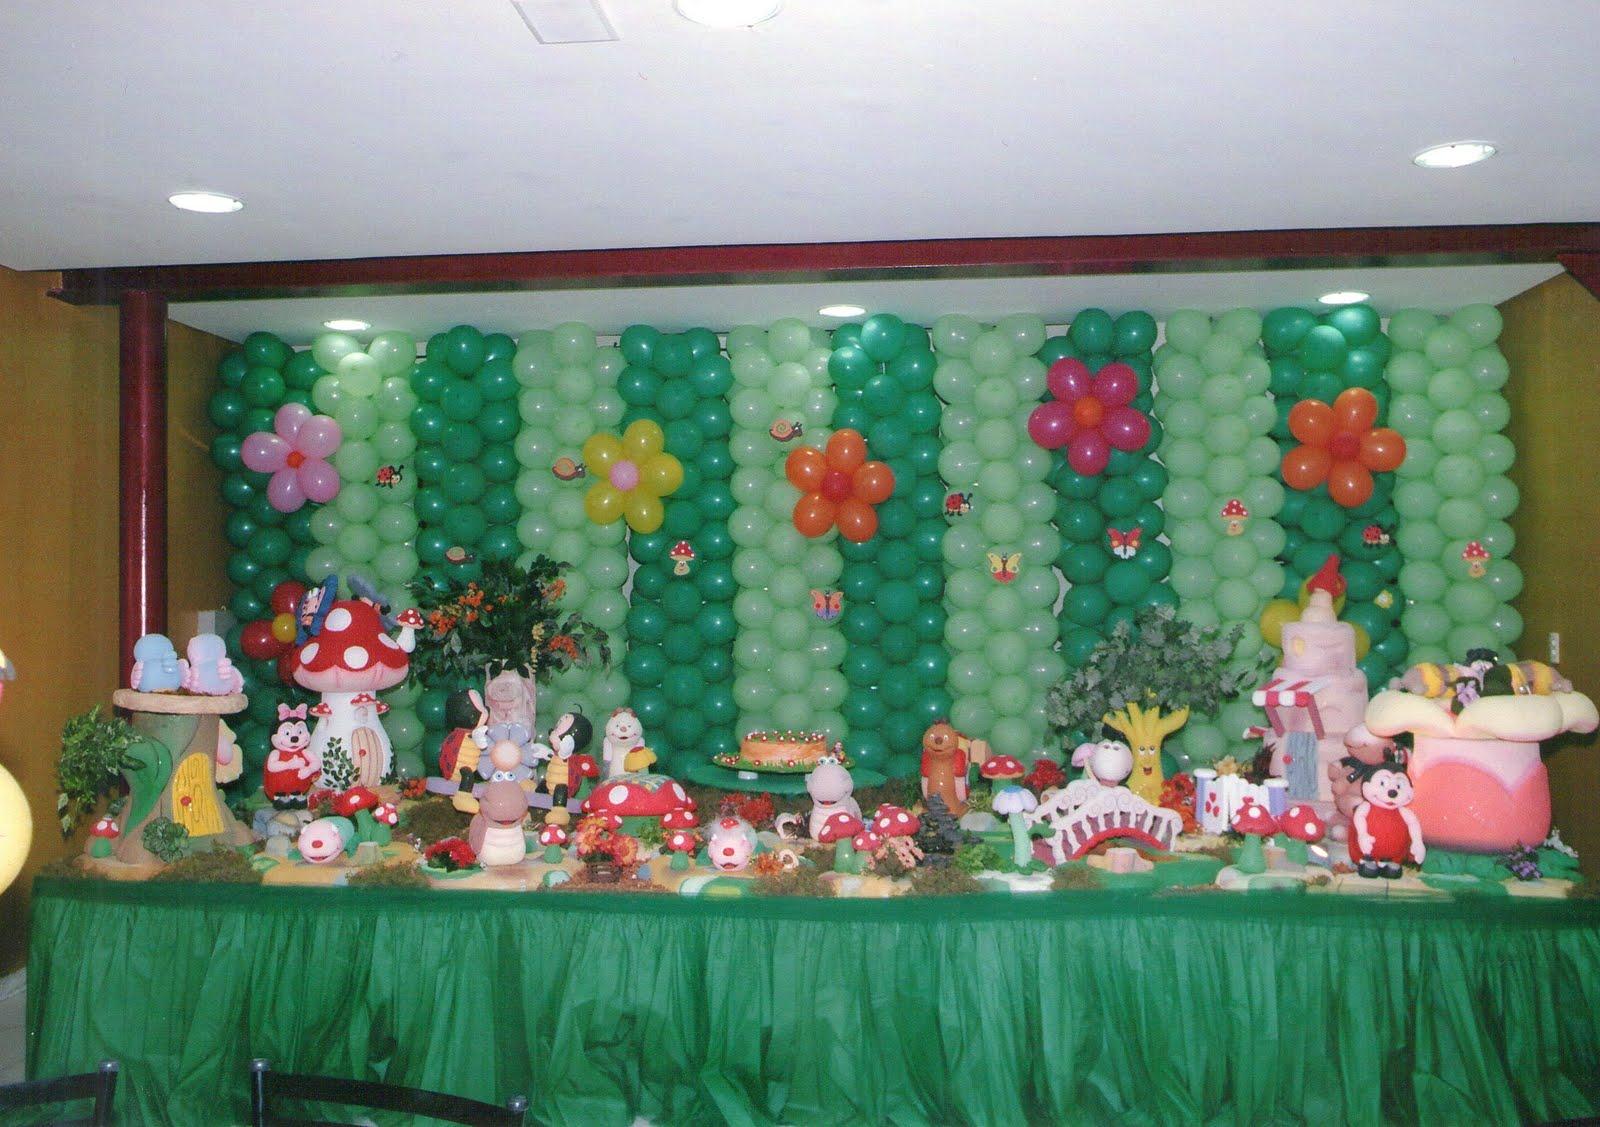 Artes, Decorações de Festas e Lembranças Jardim Encantado da